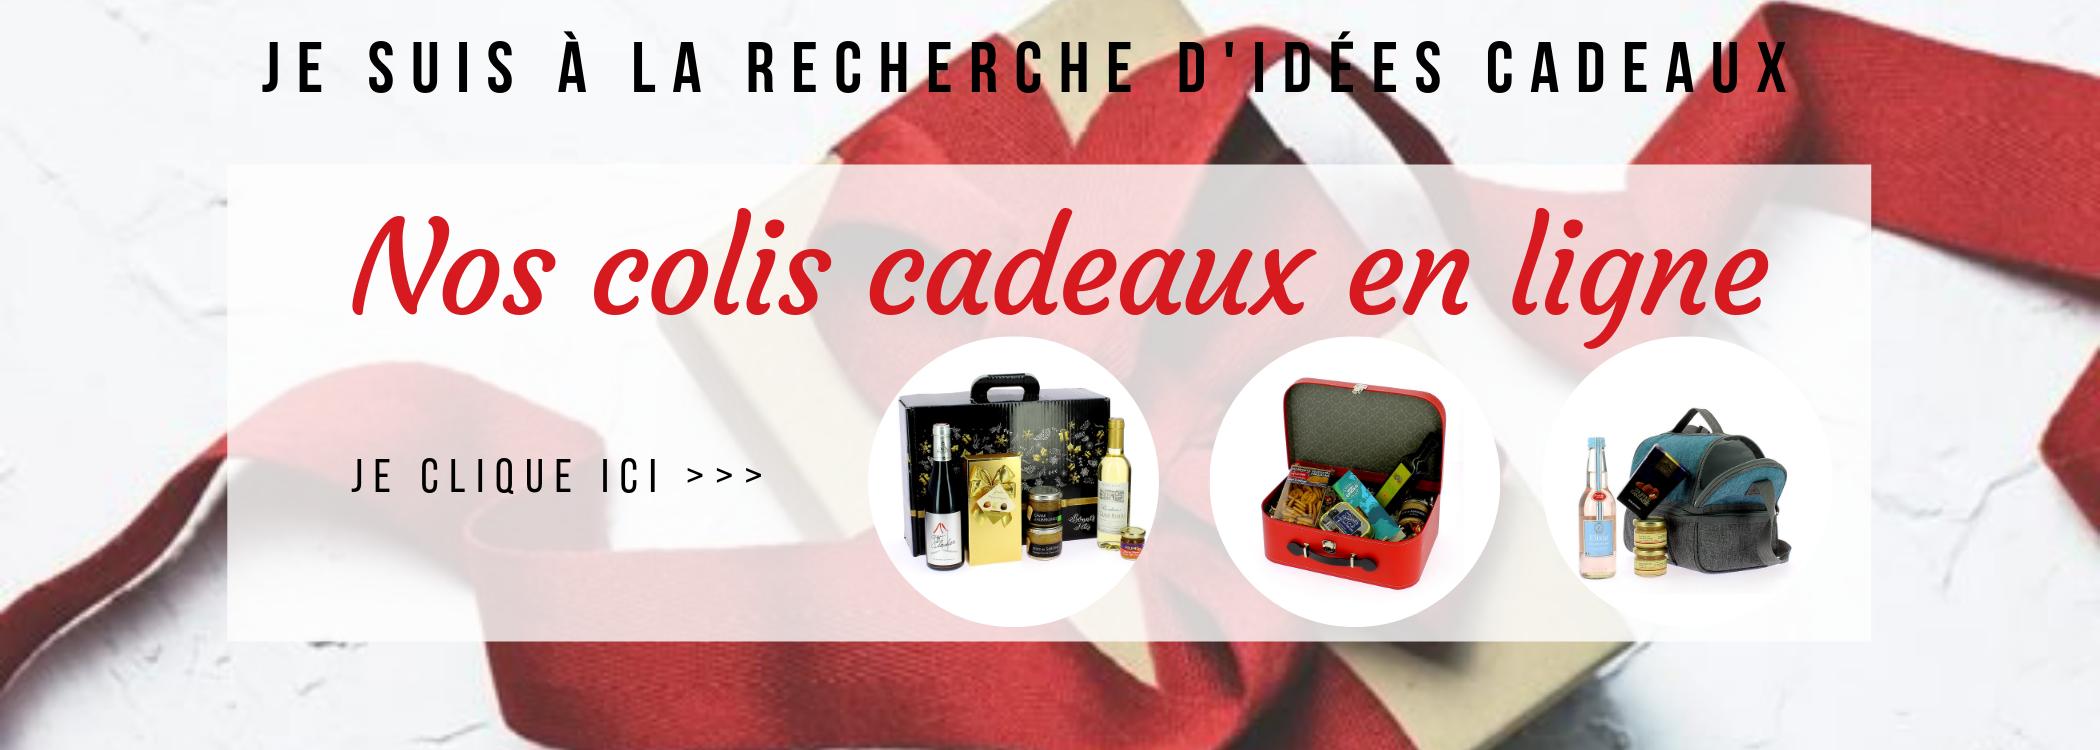 Catalogue de Cadeaux CE (1).png